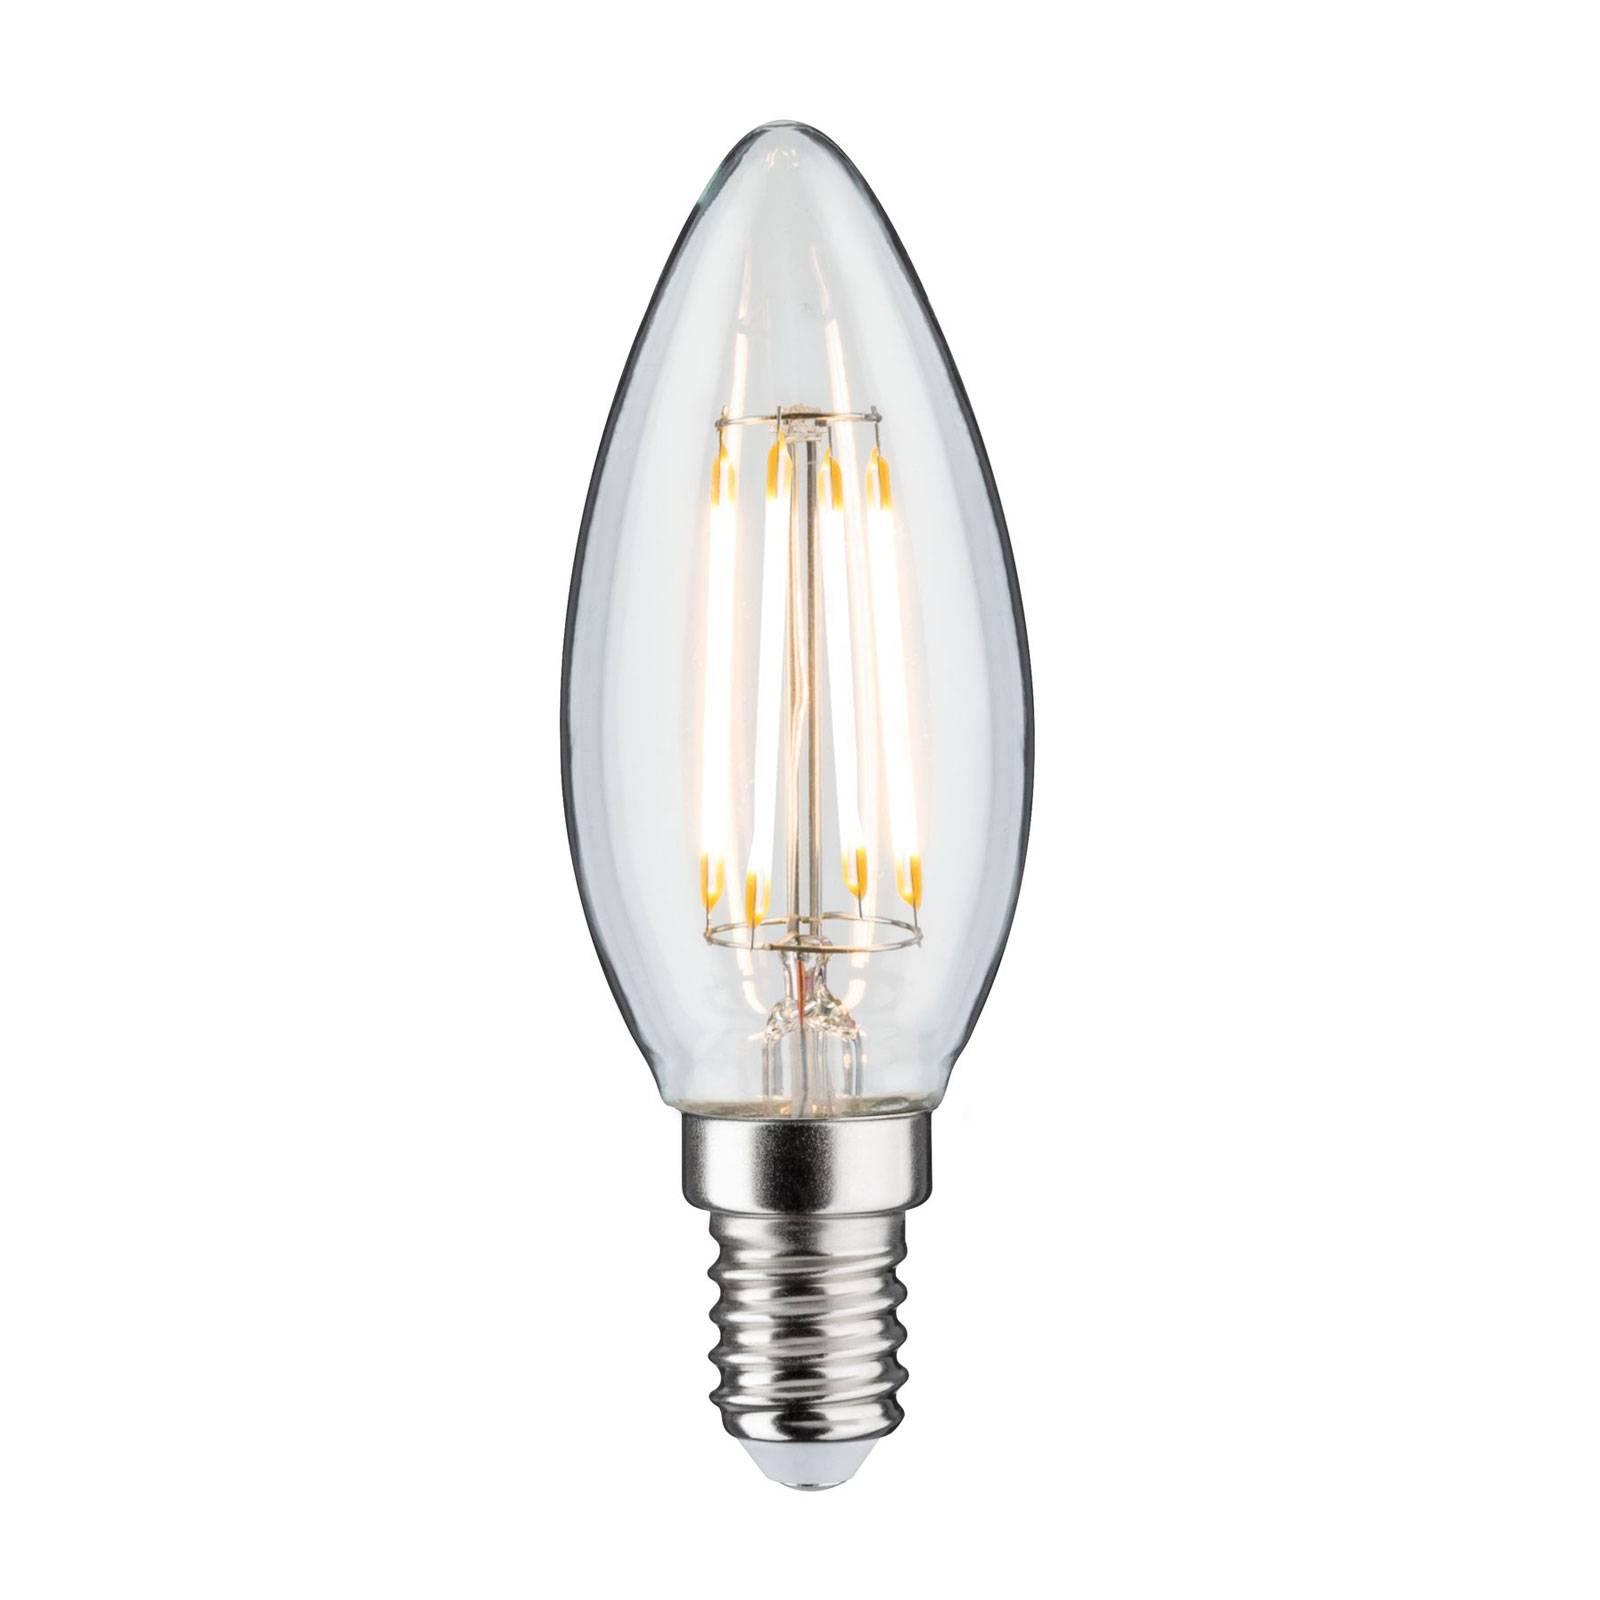 LED-kynttilälamppu E14 4,8W Filament 2700K